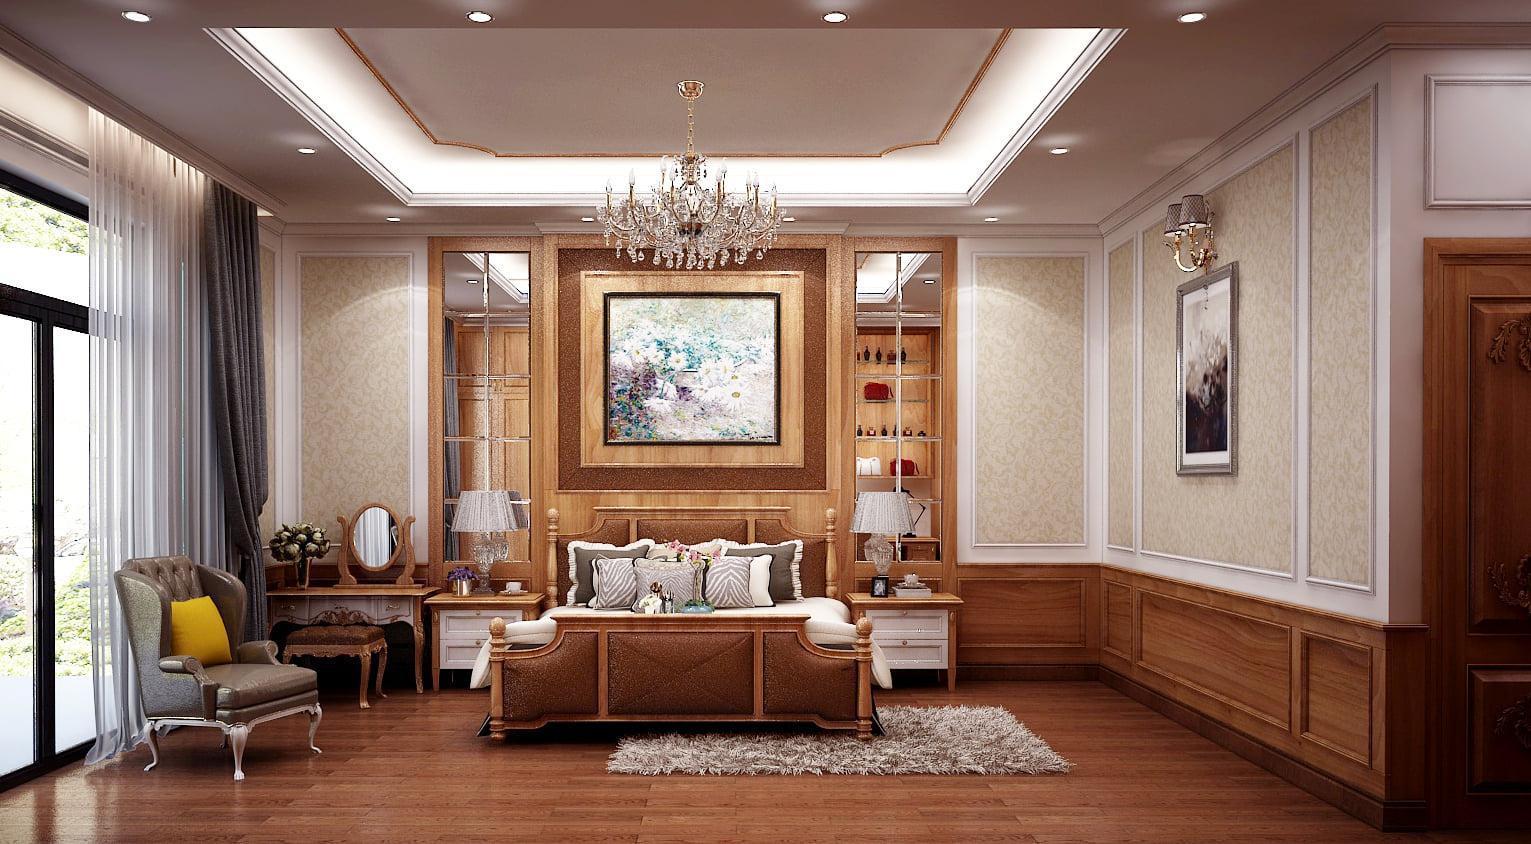 Mẫu thiết kế nội thất phòng ngủ đẹp mê ly